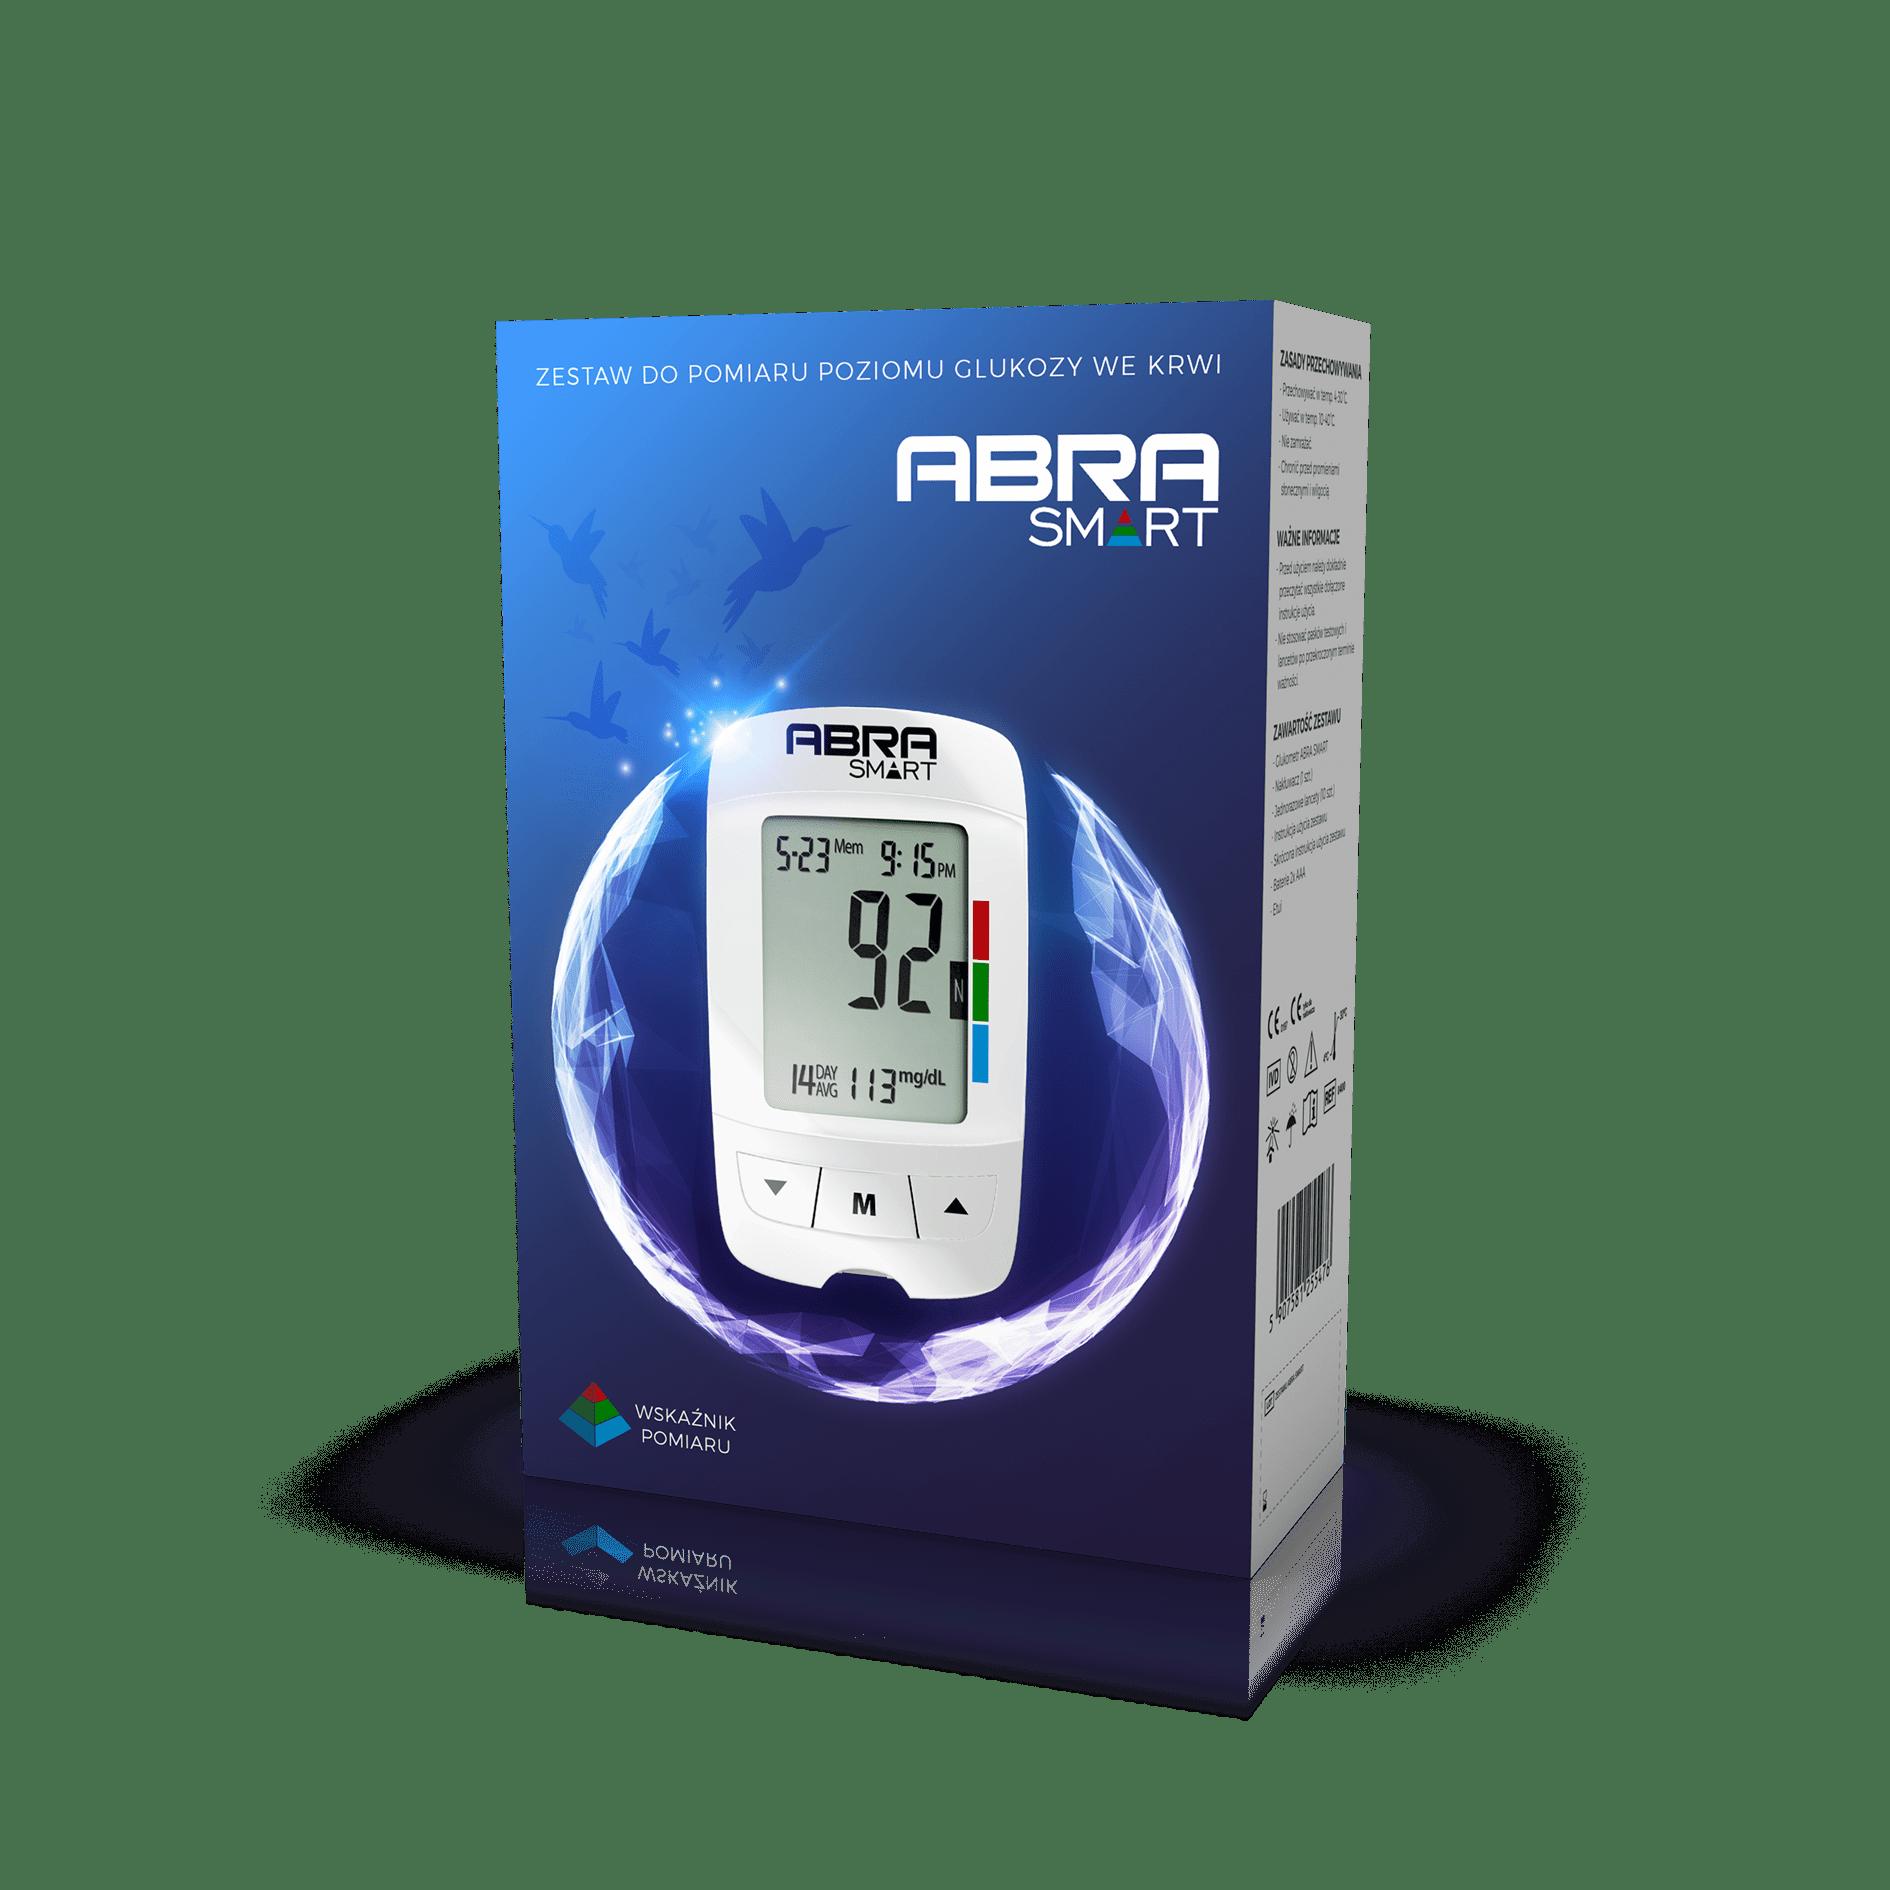 Zestaw do pomiaru poziomu glukozy we krwi zawiera: Glukometr ABRA SMART